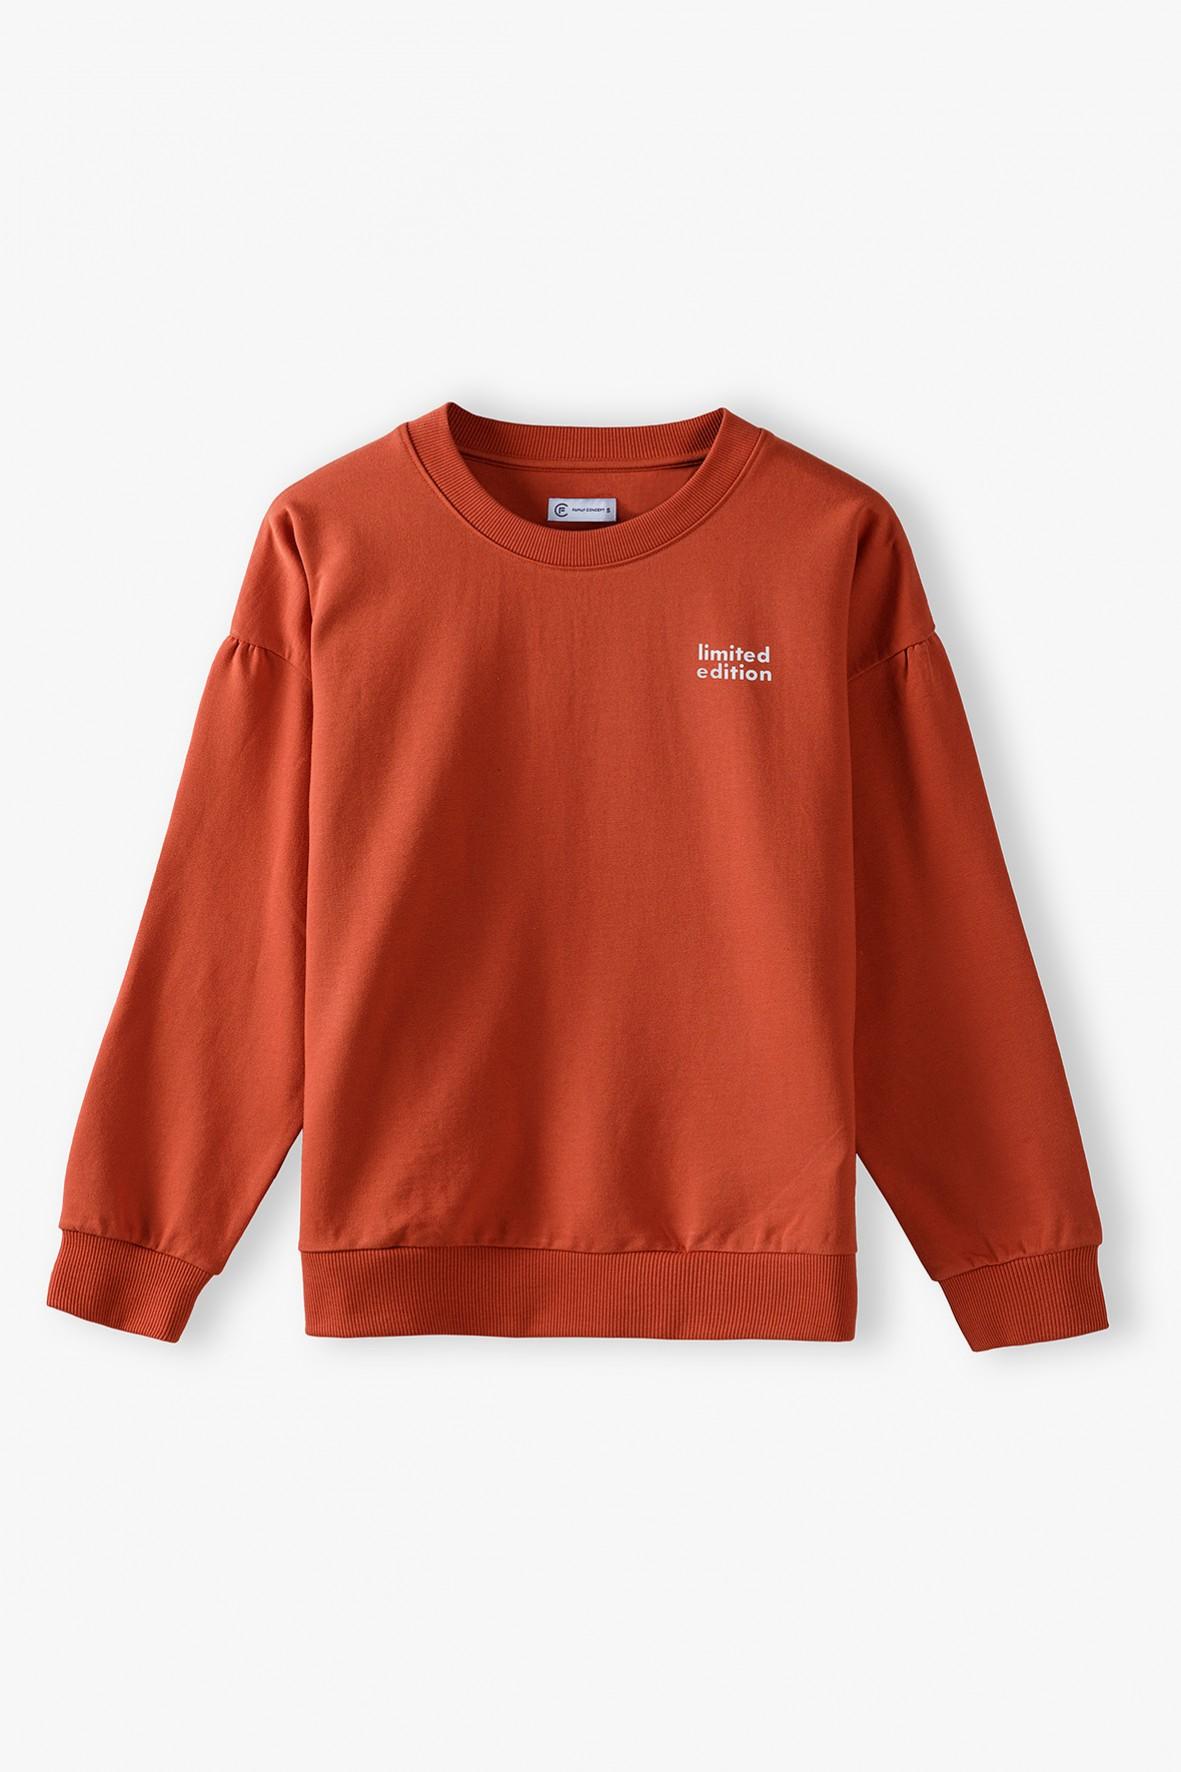 Czerwona bluza dresowa damska -  Limited Edition